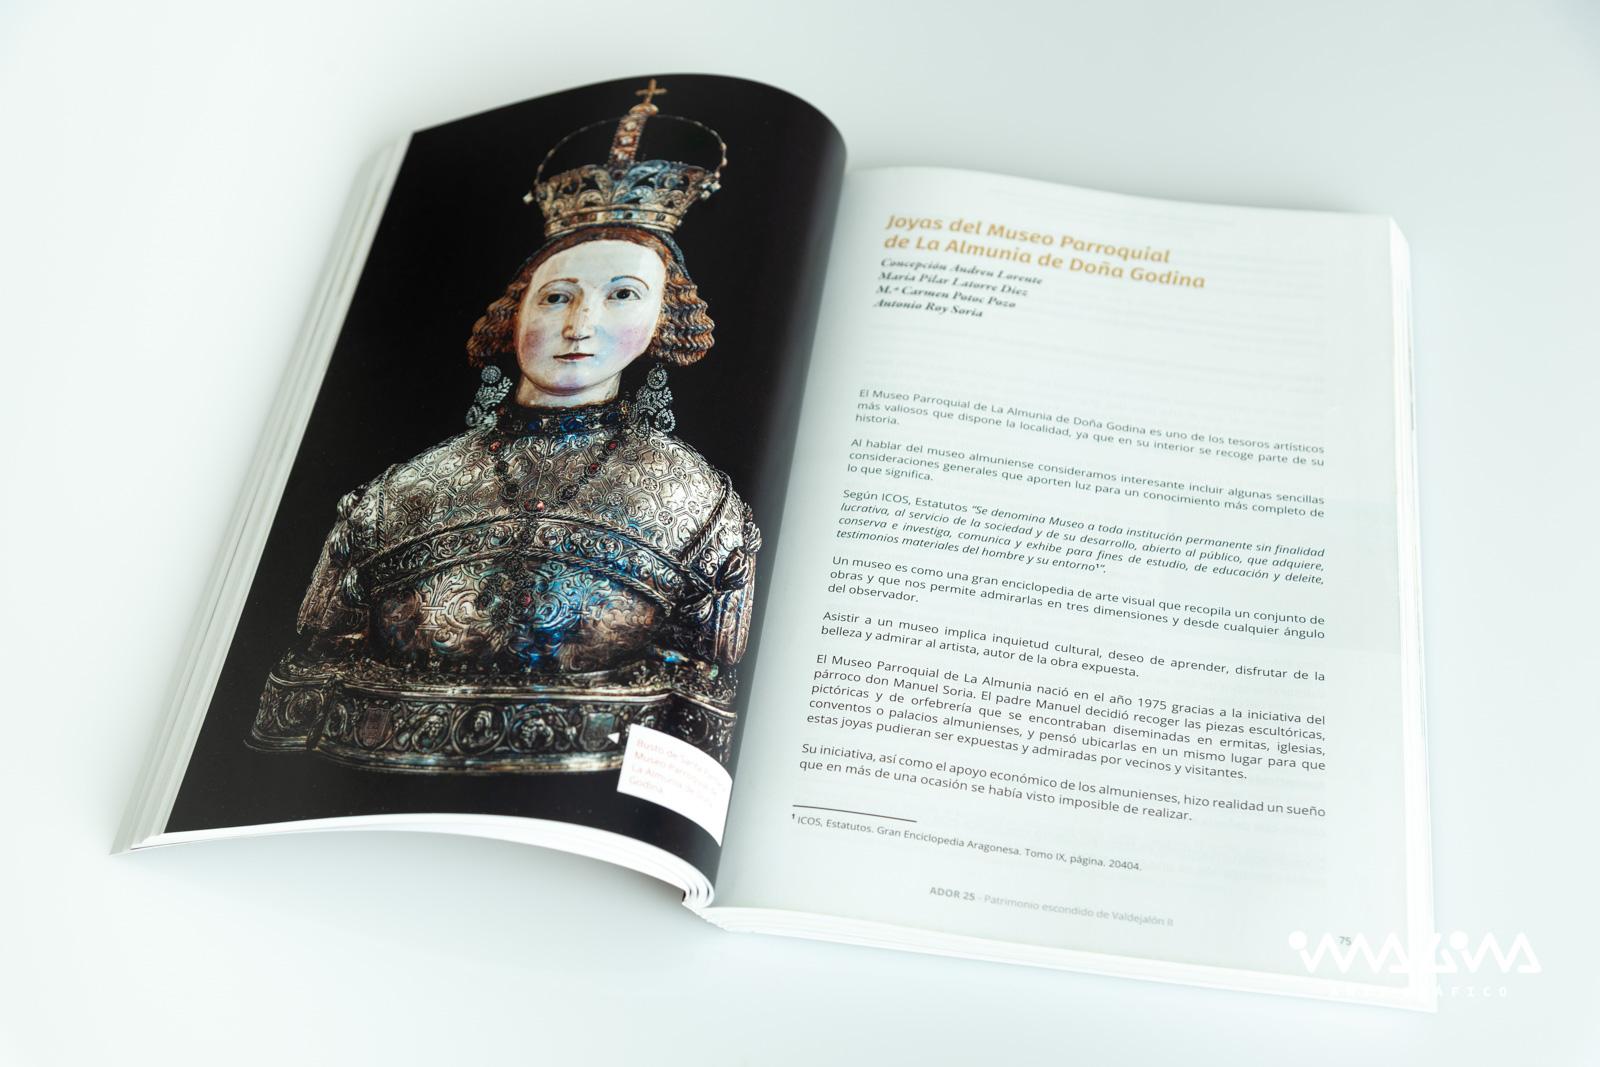 Libro Ador XXV - Centro de Estudios Almunienses - Imagina Arte Gráfico